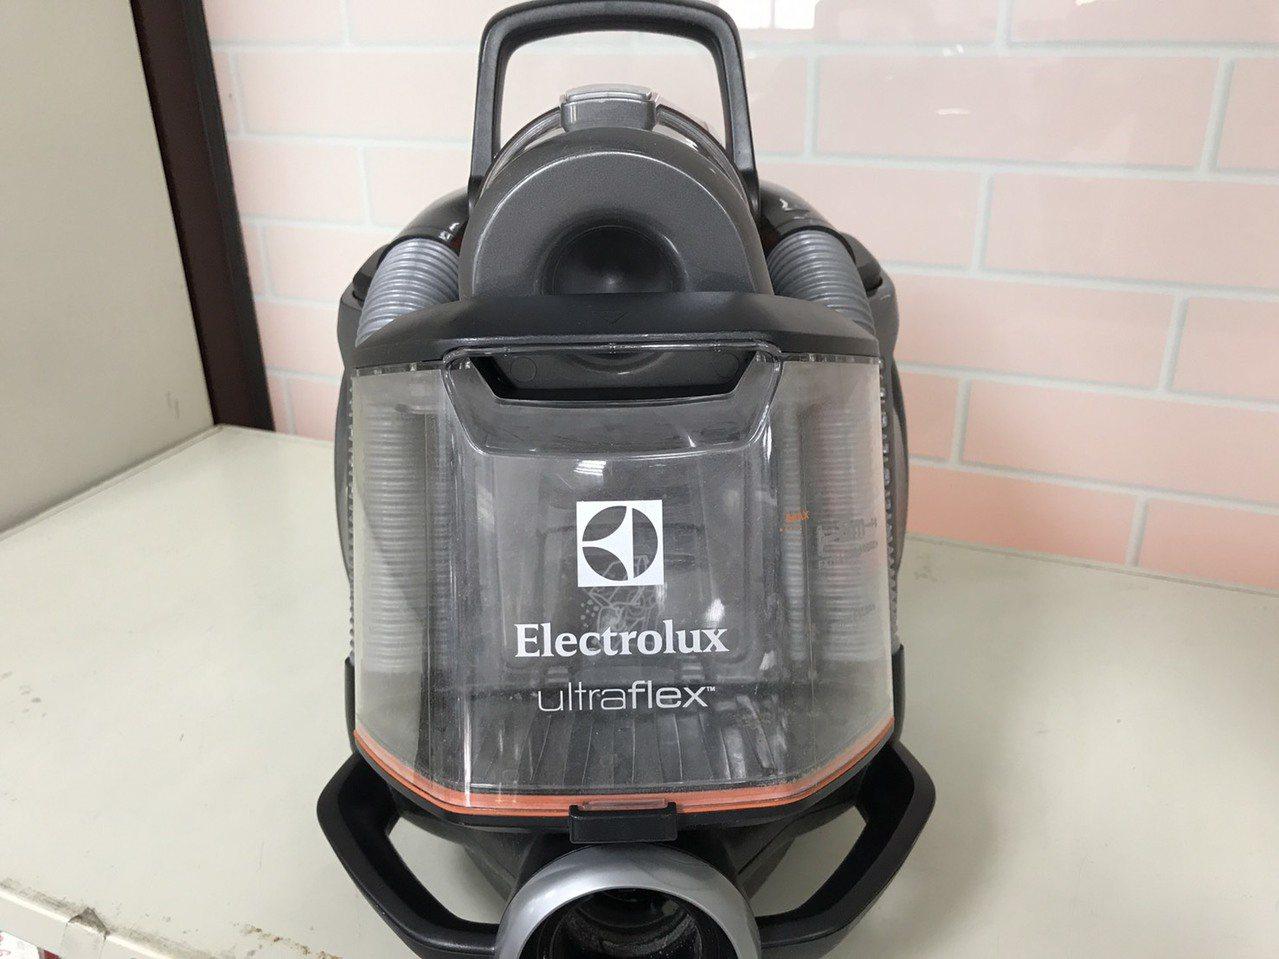 Electrolux除塵蟎吸塵器,頗受家庭主婦青睬,也在拍賣物品之列。記者邵心杰...